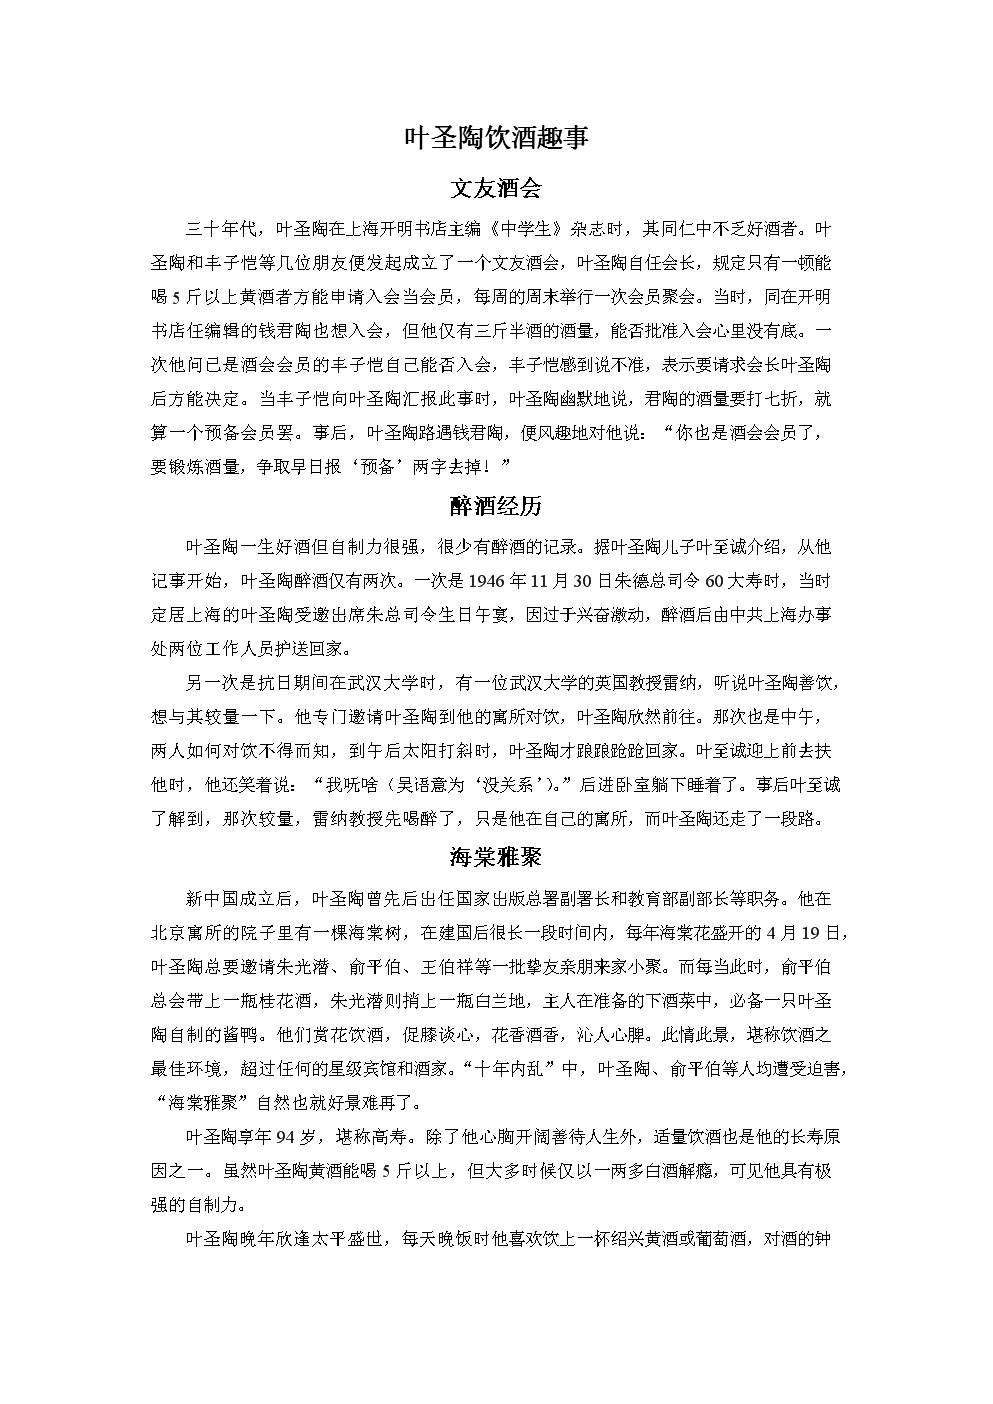 《饮酒(其五)》拓展阅读-叶圣陶饮酒趣事 (2).doc